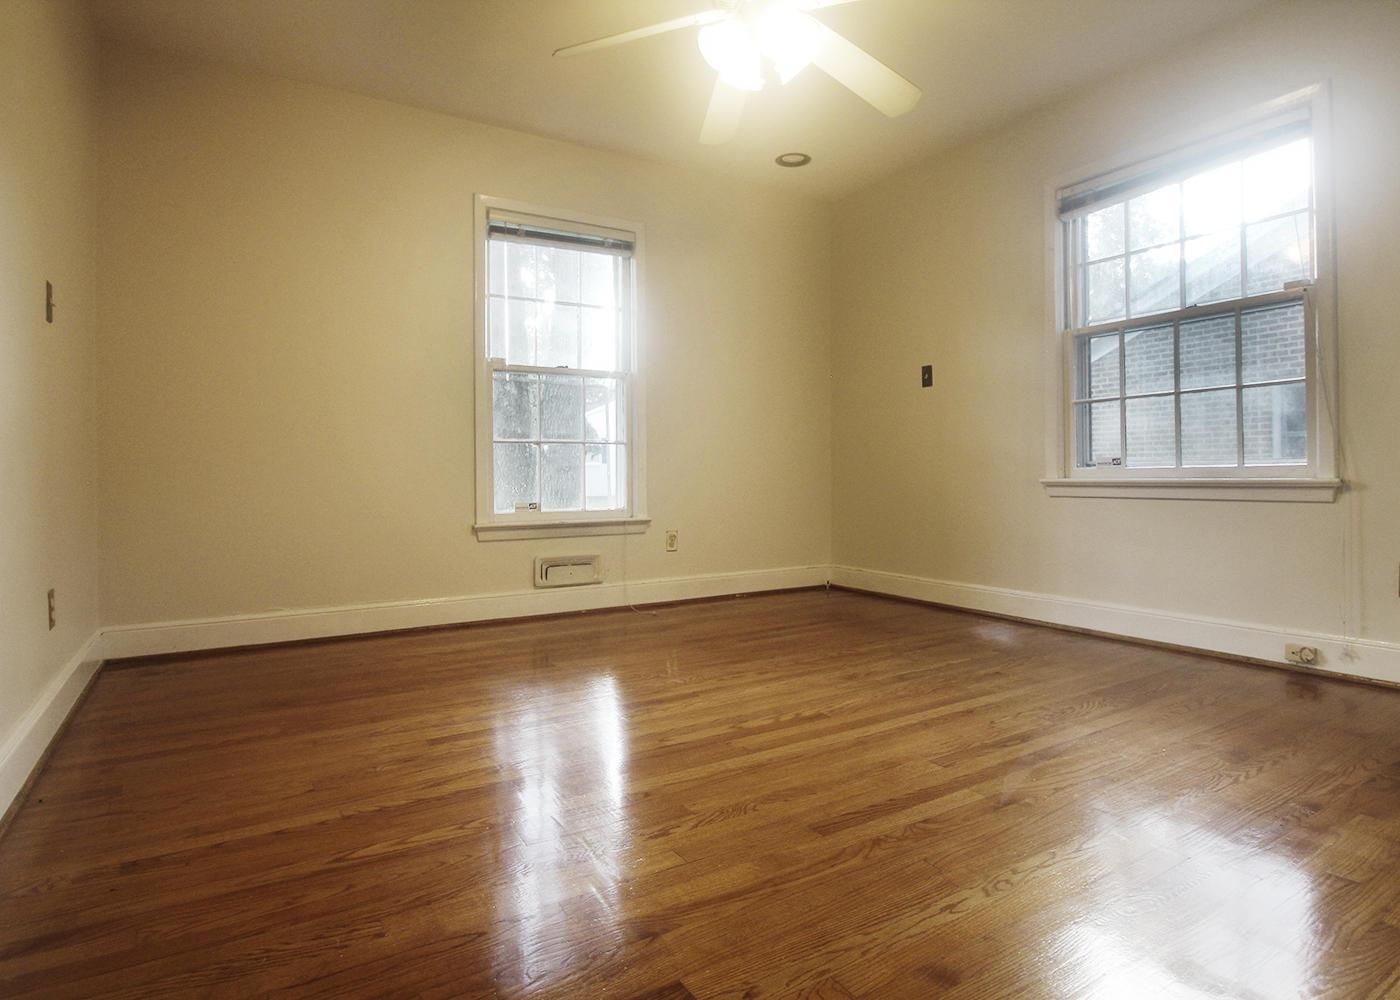 Moreland Homes For Sale - 802 Sheldon, Charleston, SC - 26